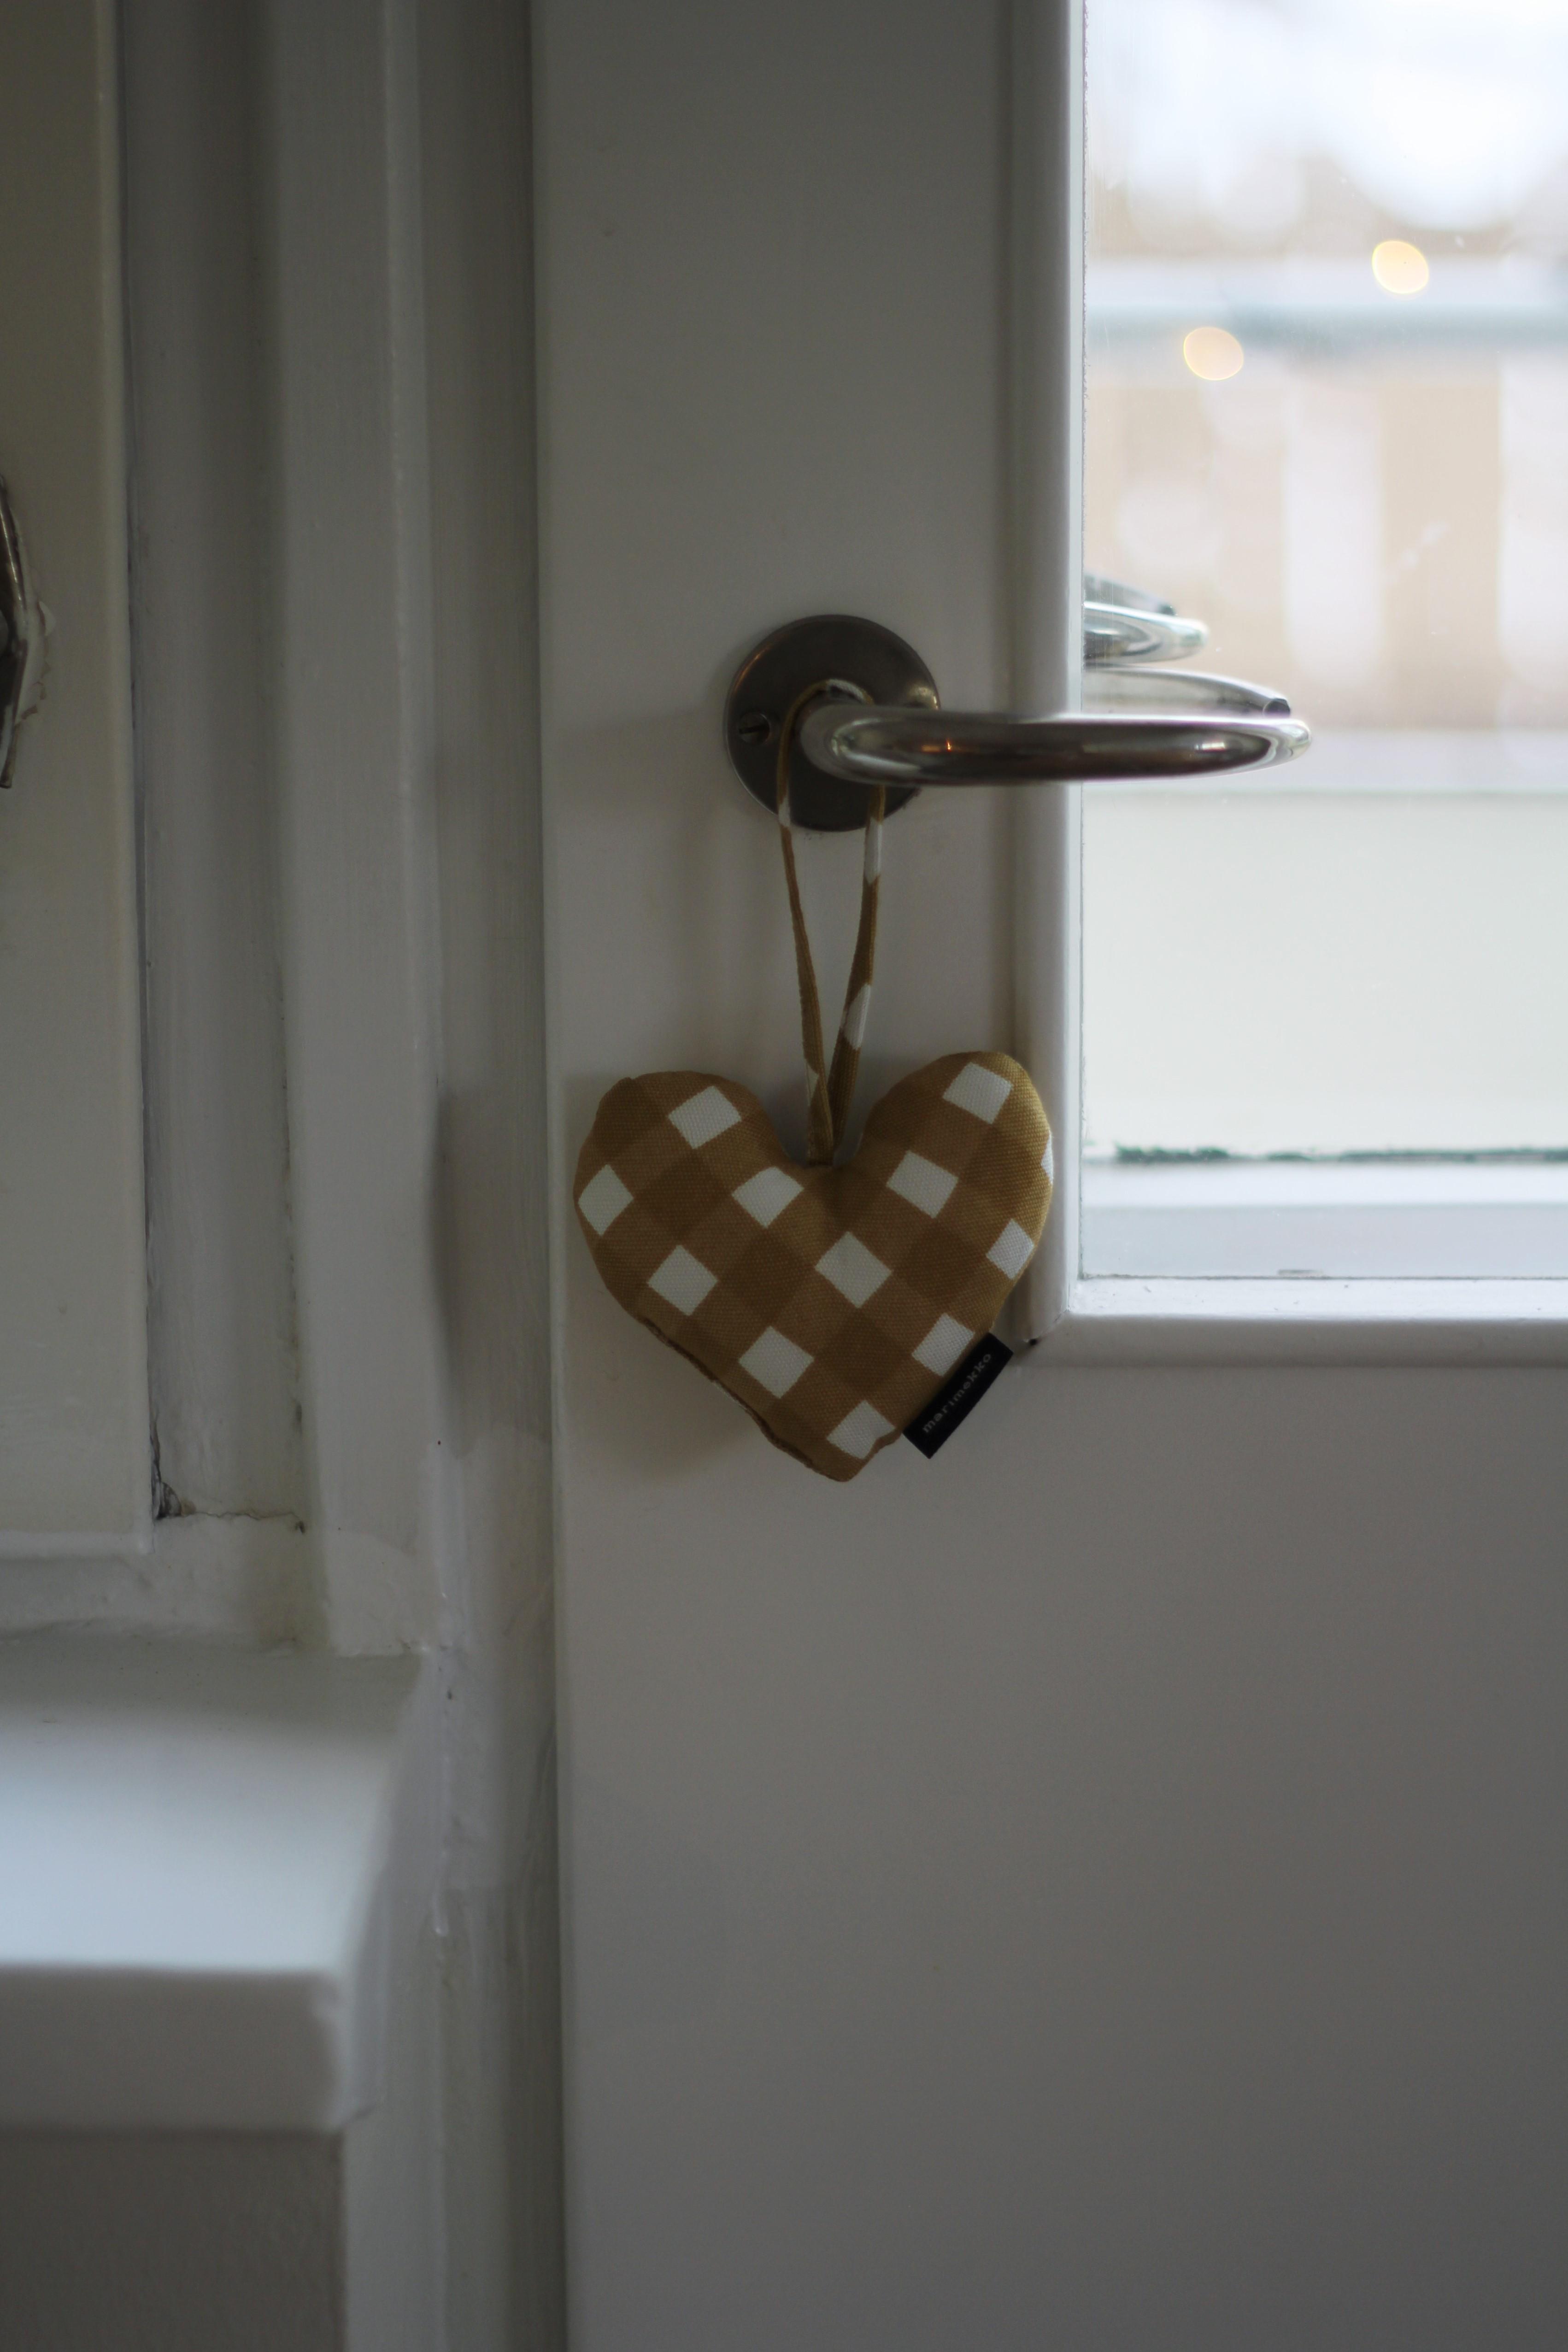 Joulun alla minimalistin kuori rakoilee ja esiin pyrkii ihminen, joka haluaa ripustella asioita ovenkahvoihin. Tämä Marimekon toppasydän on maailman suloisin.